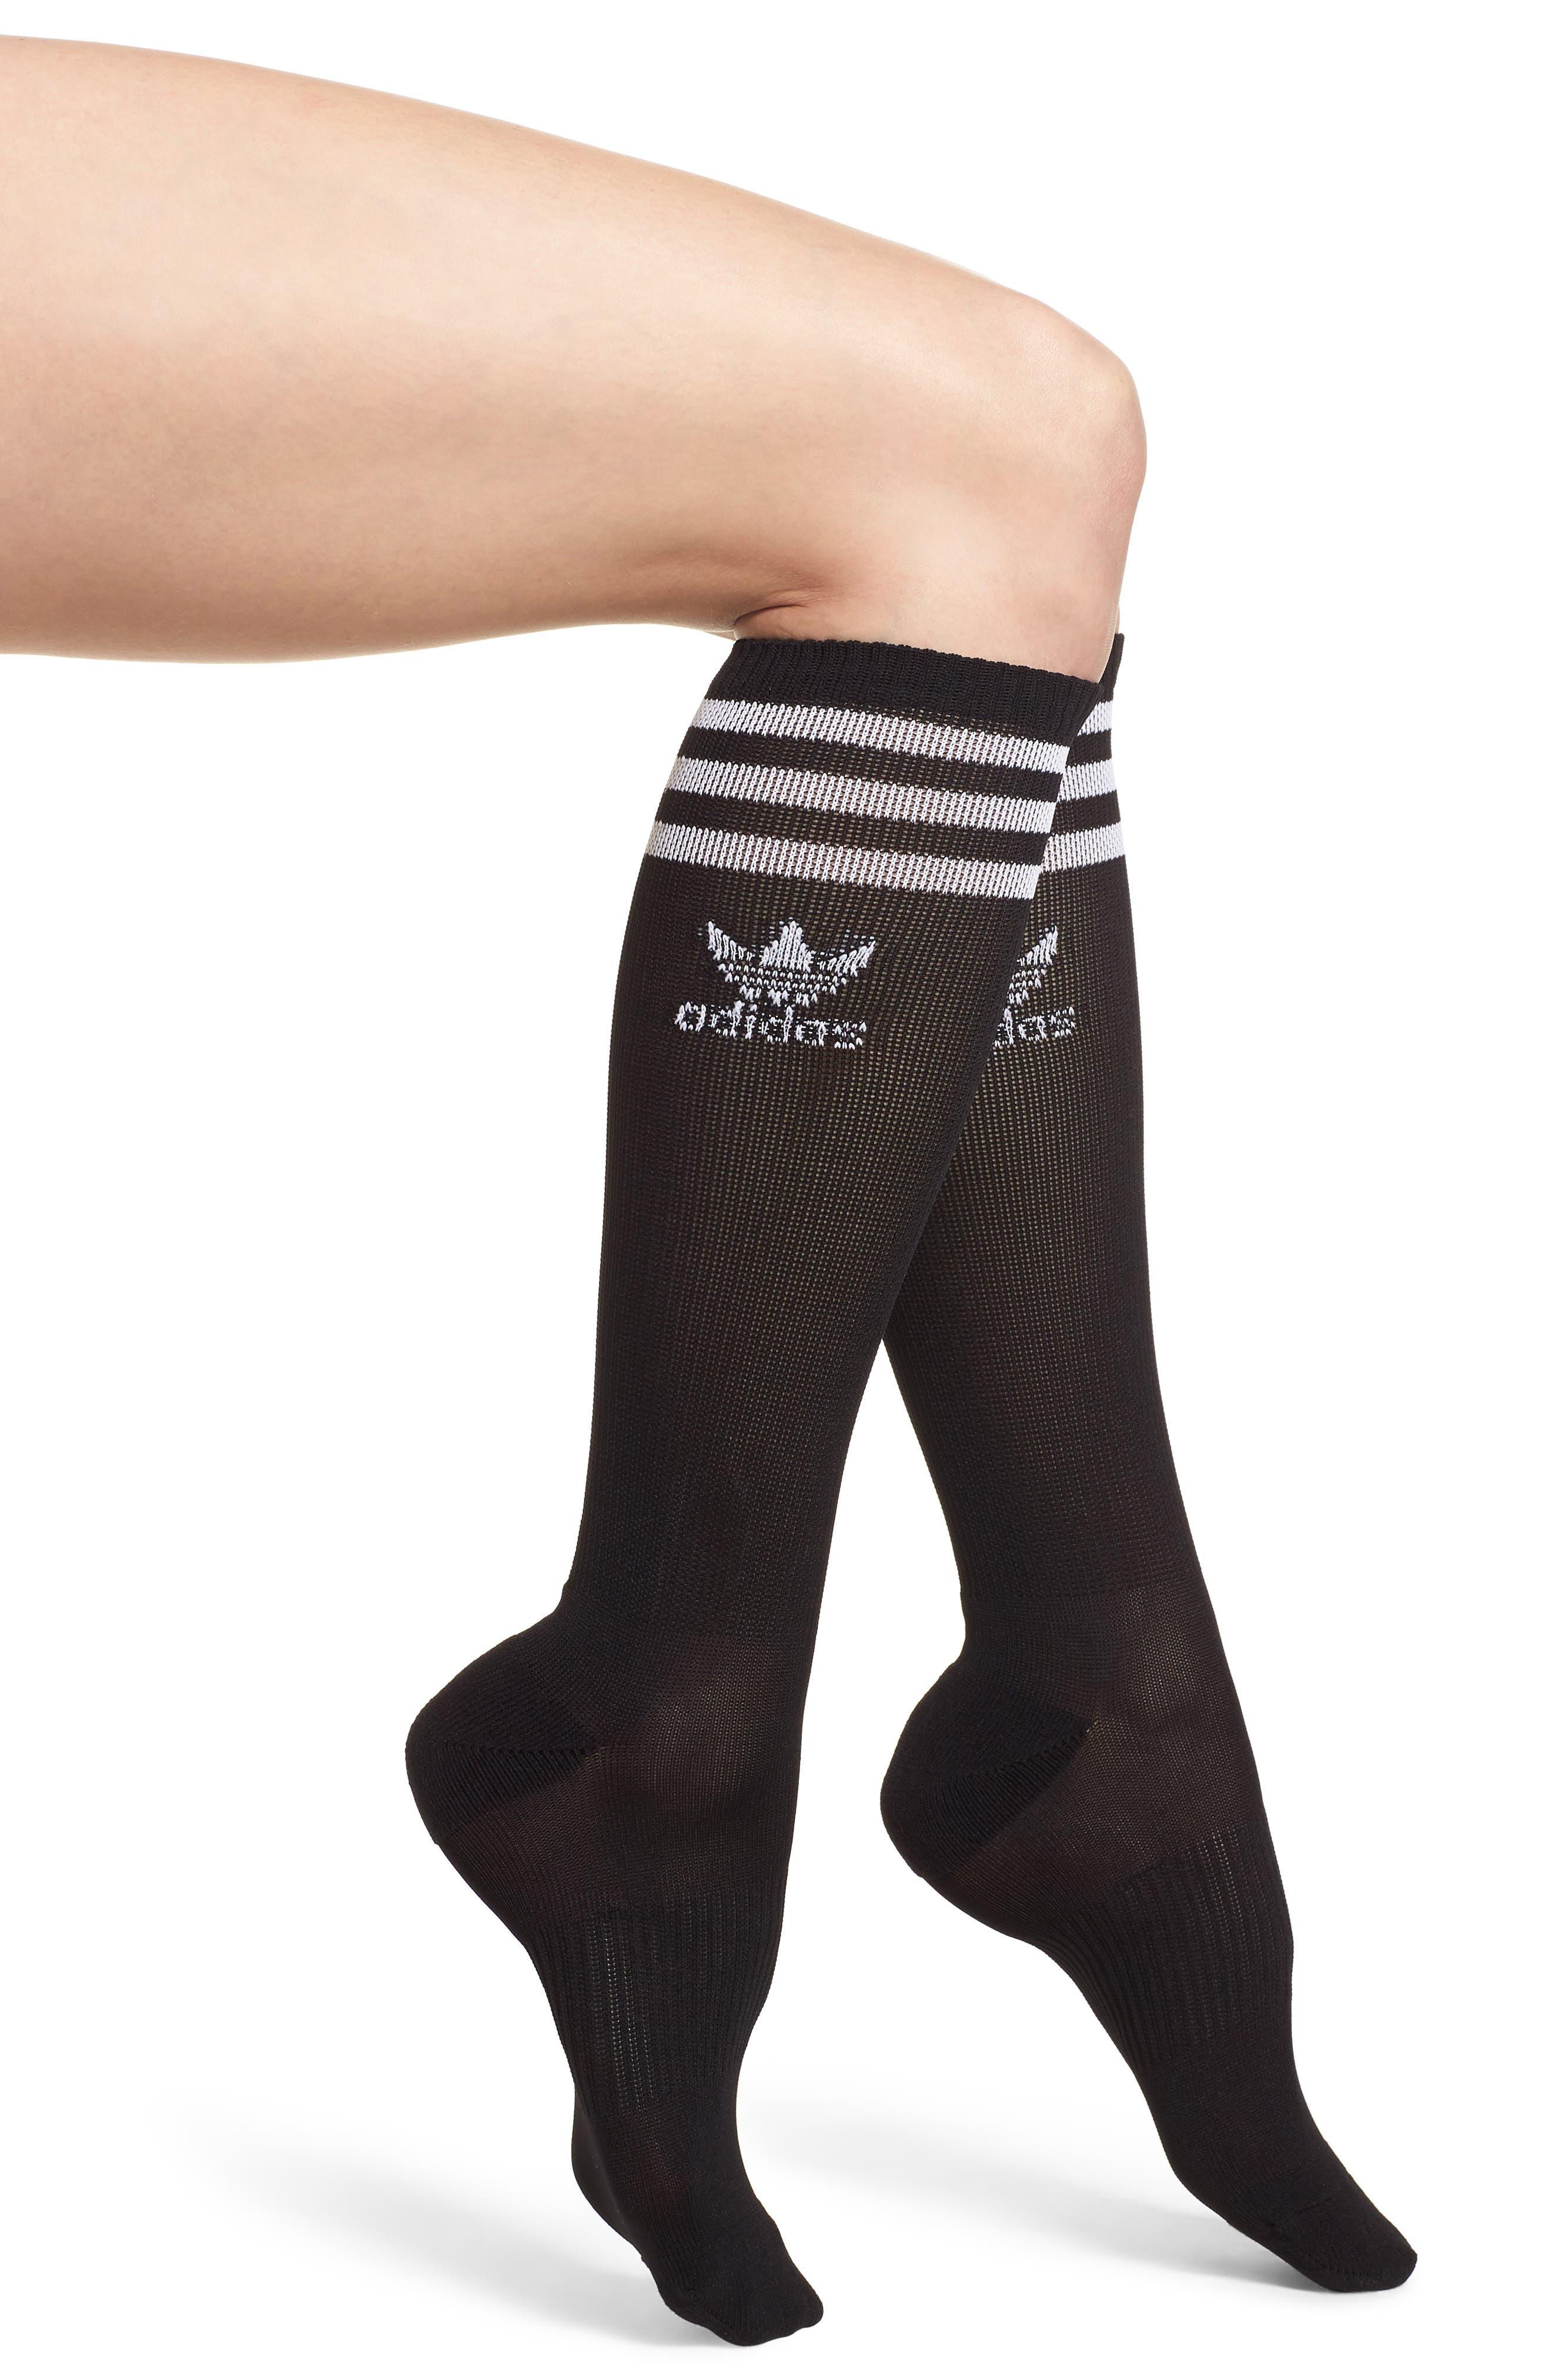 Roller Knee High Socks,                             Main thumbnail 1, color,                             Black